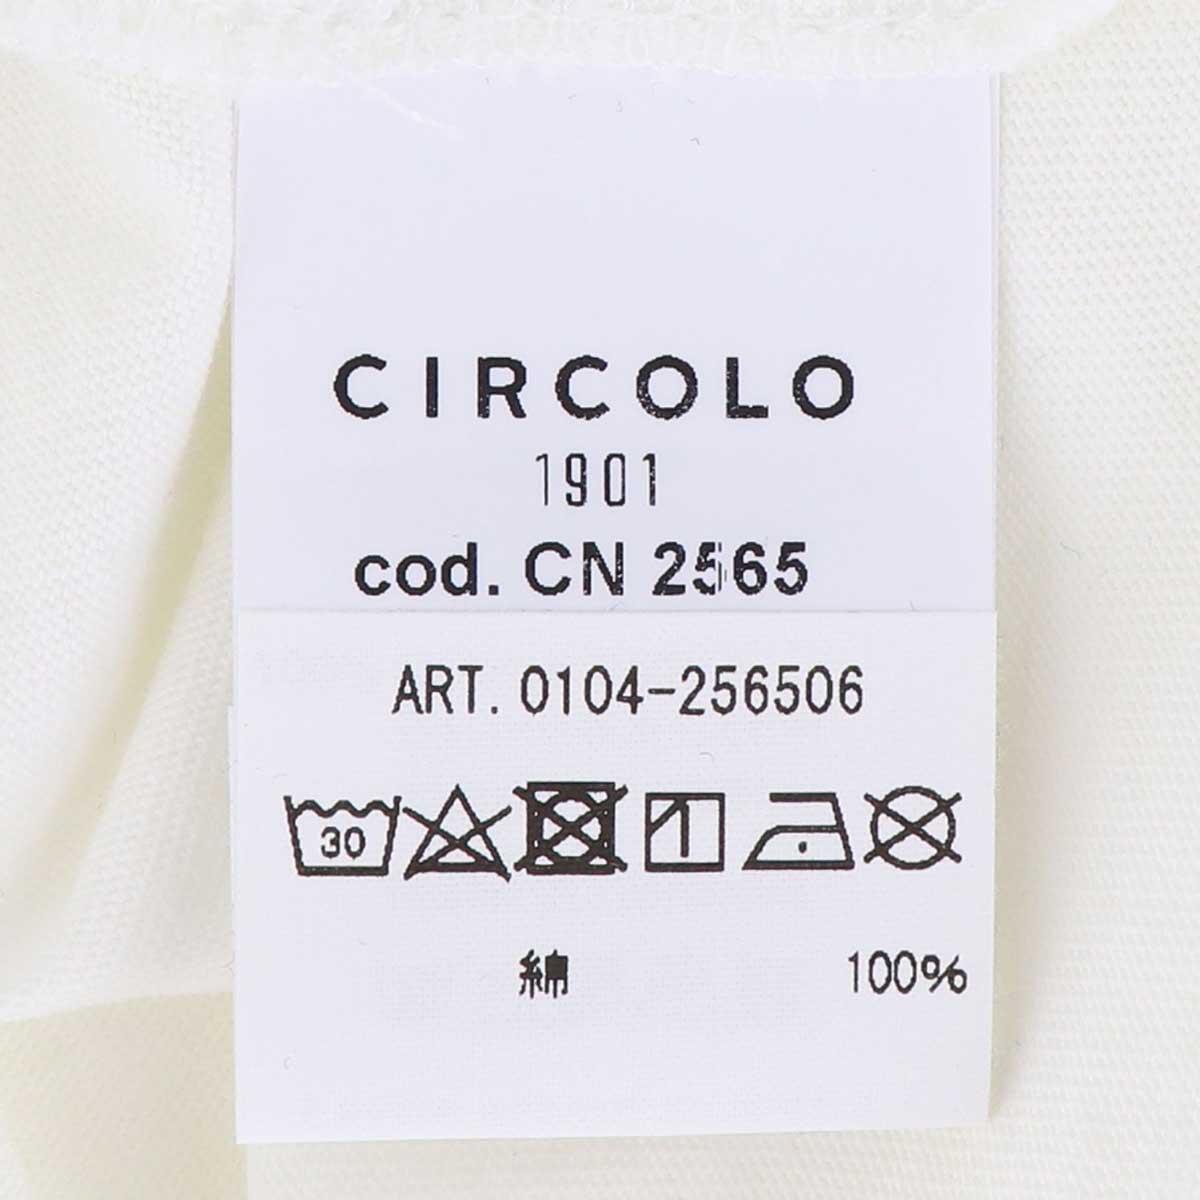 【決算セール】チルコロ1901 CIRCOLO1901 メンズ コットン クルーネック 半袖 Tシャツ 0104-256506 BIAN(ホワイト)【返品交換不可】